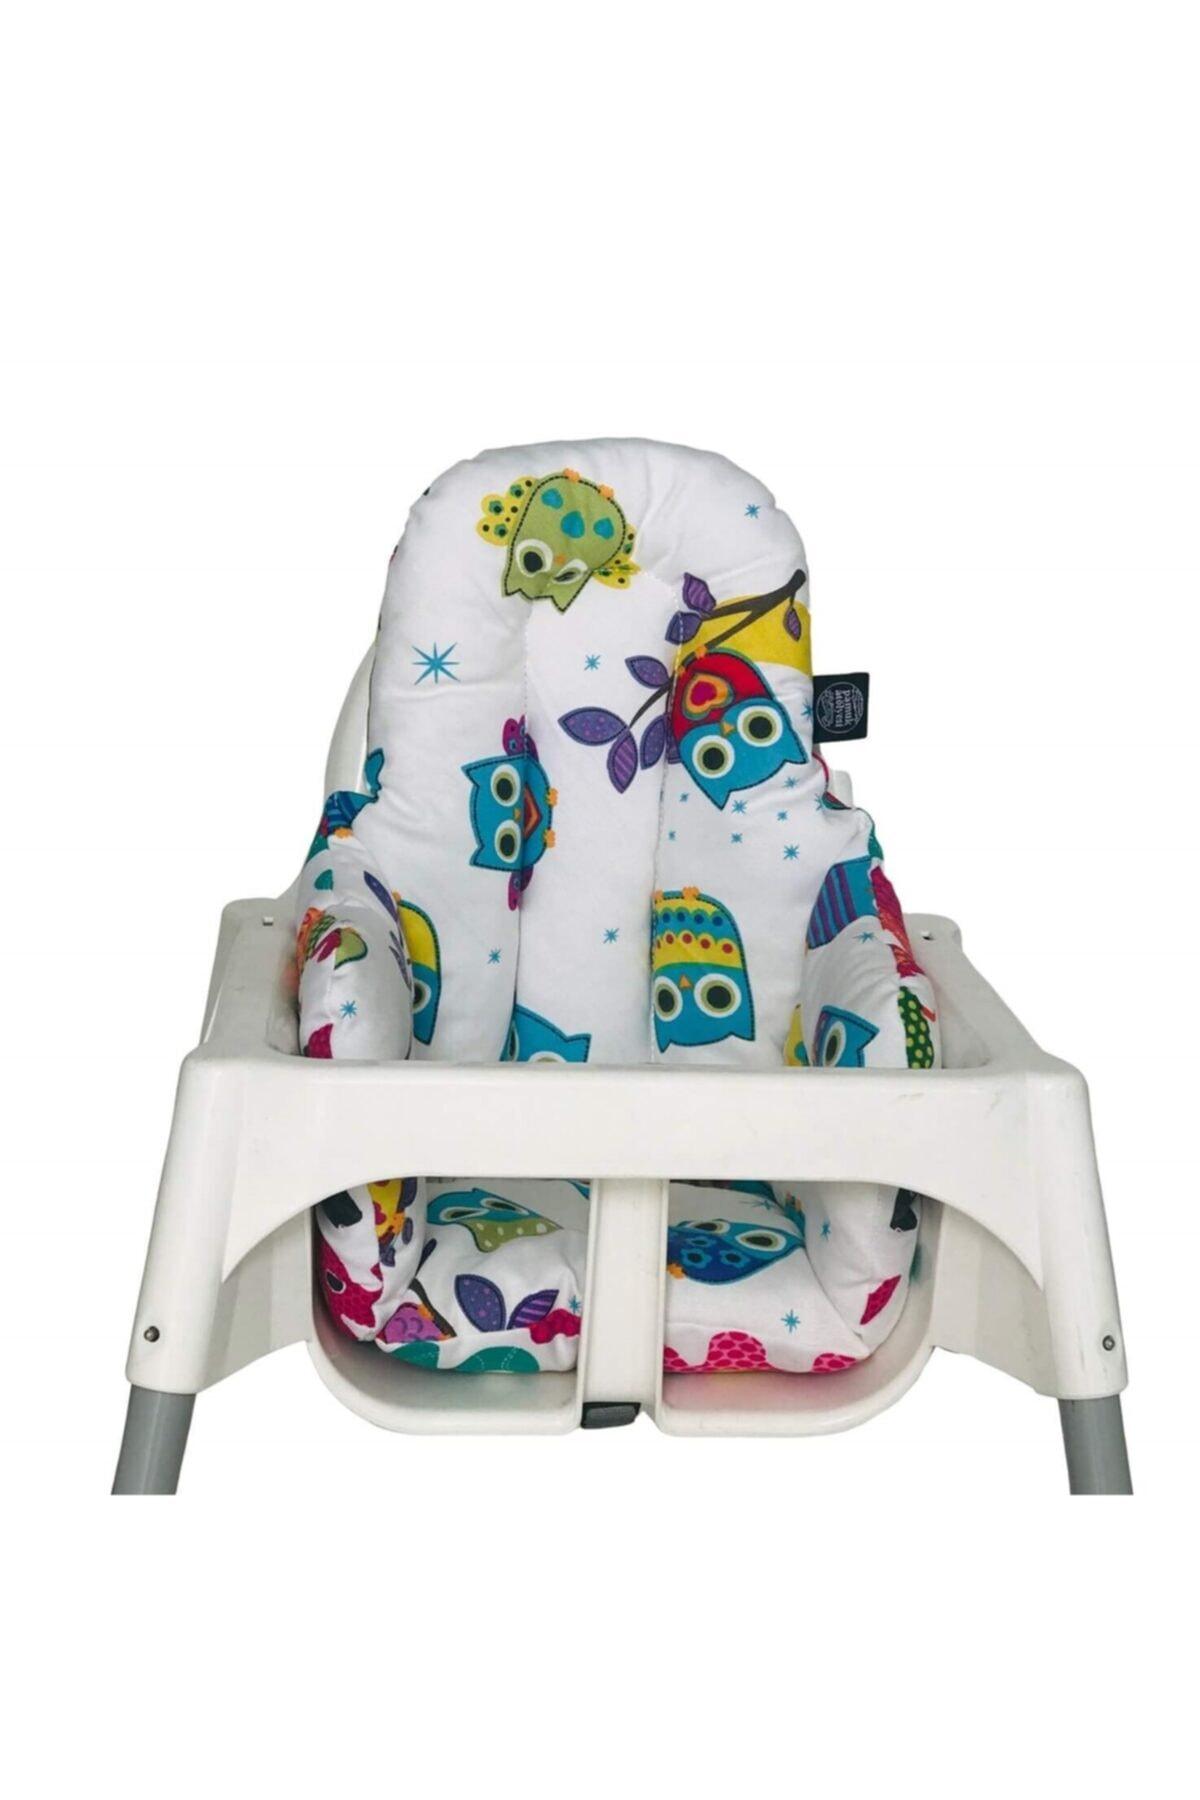 Baykuşlu Küçük Mama Sandalyesi Minderi - Çift Taraflı